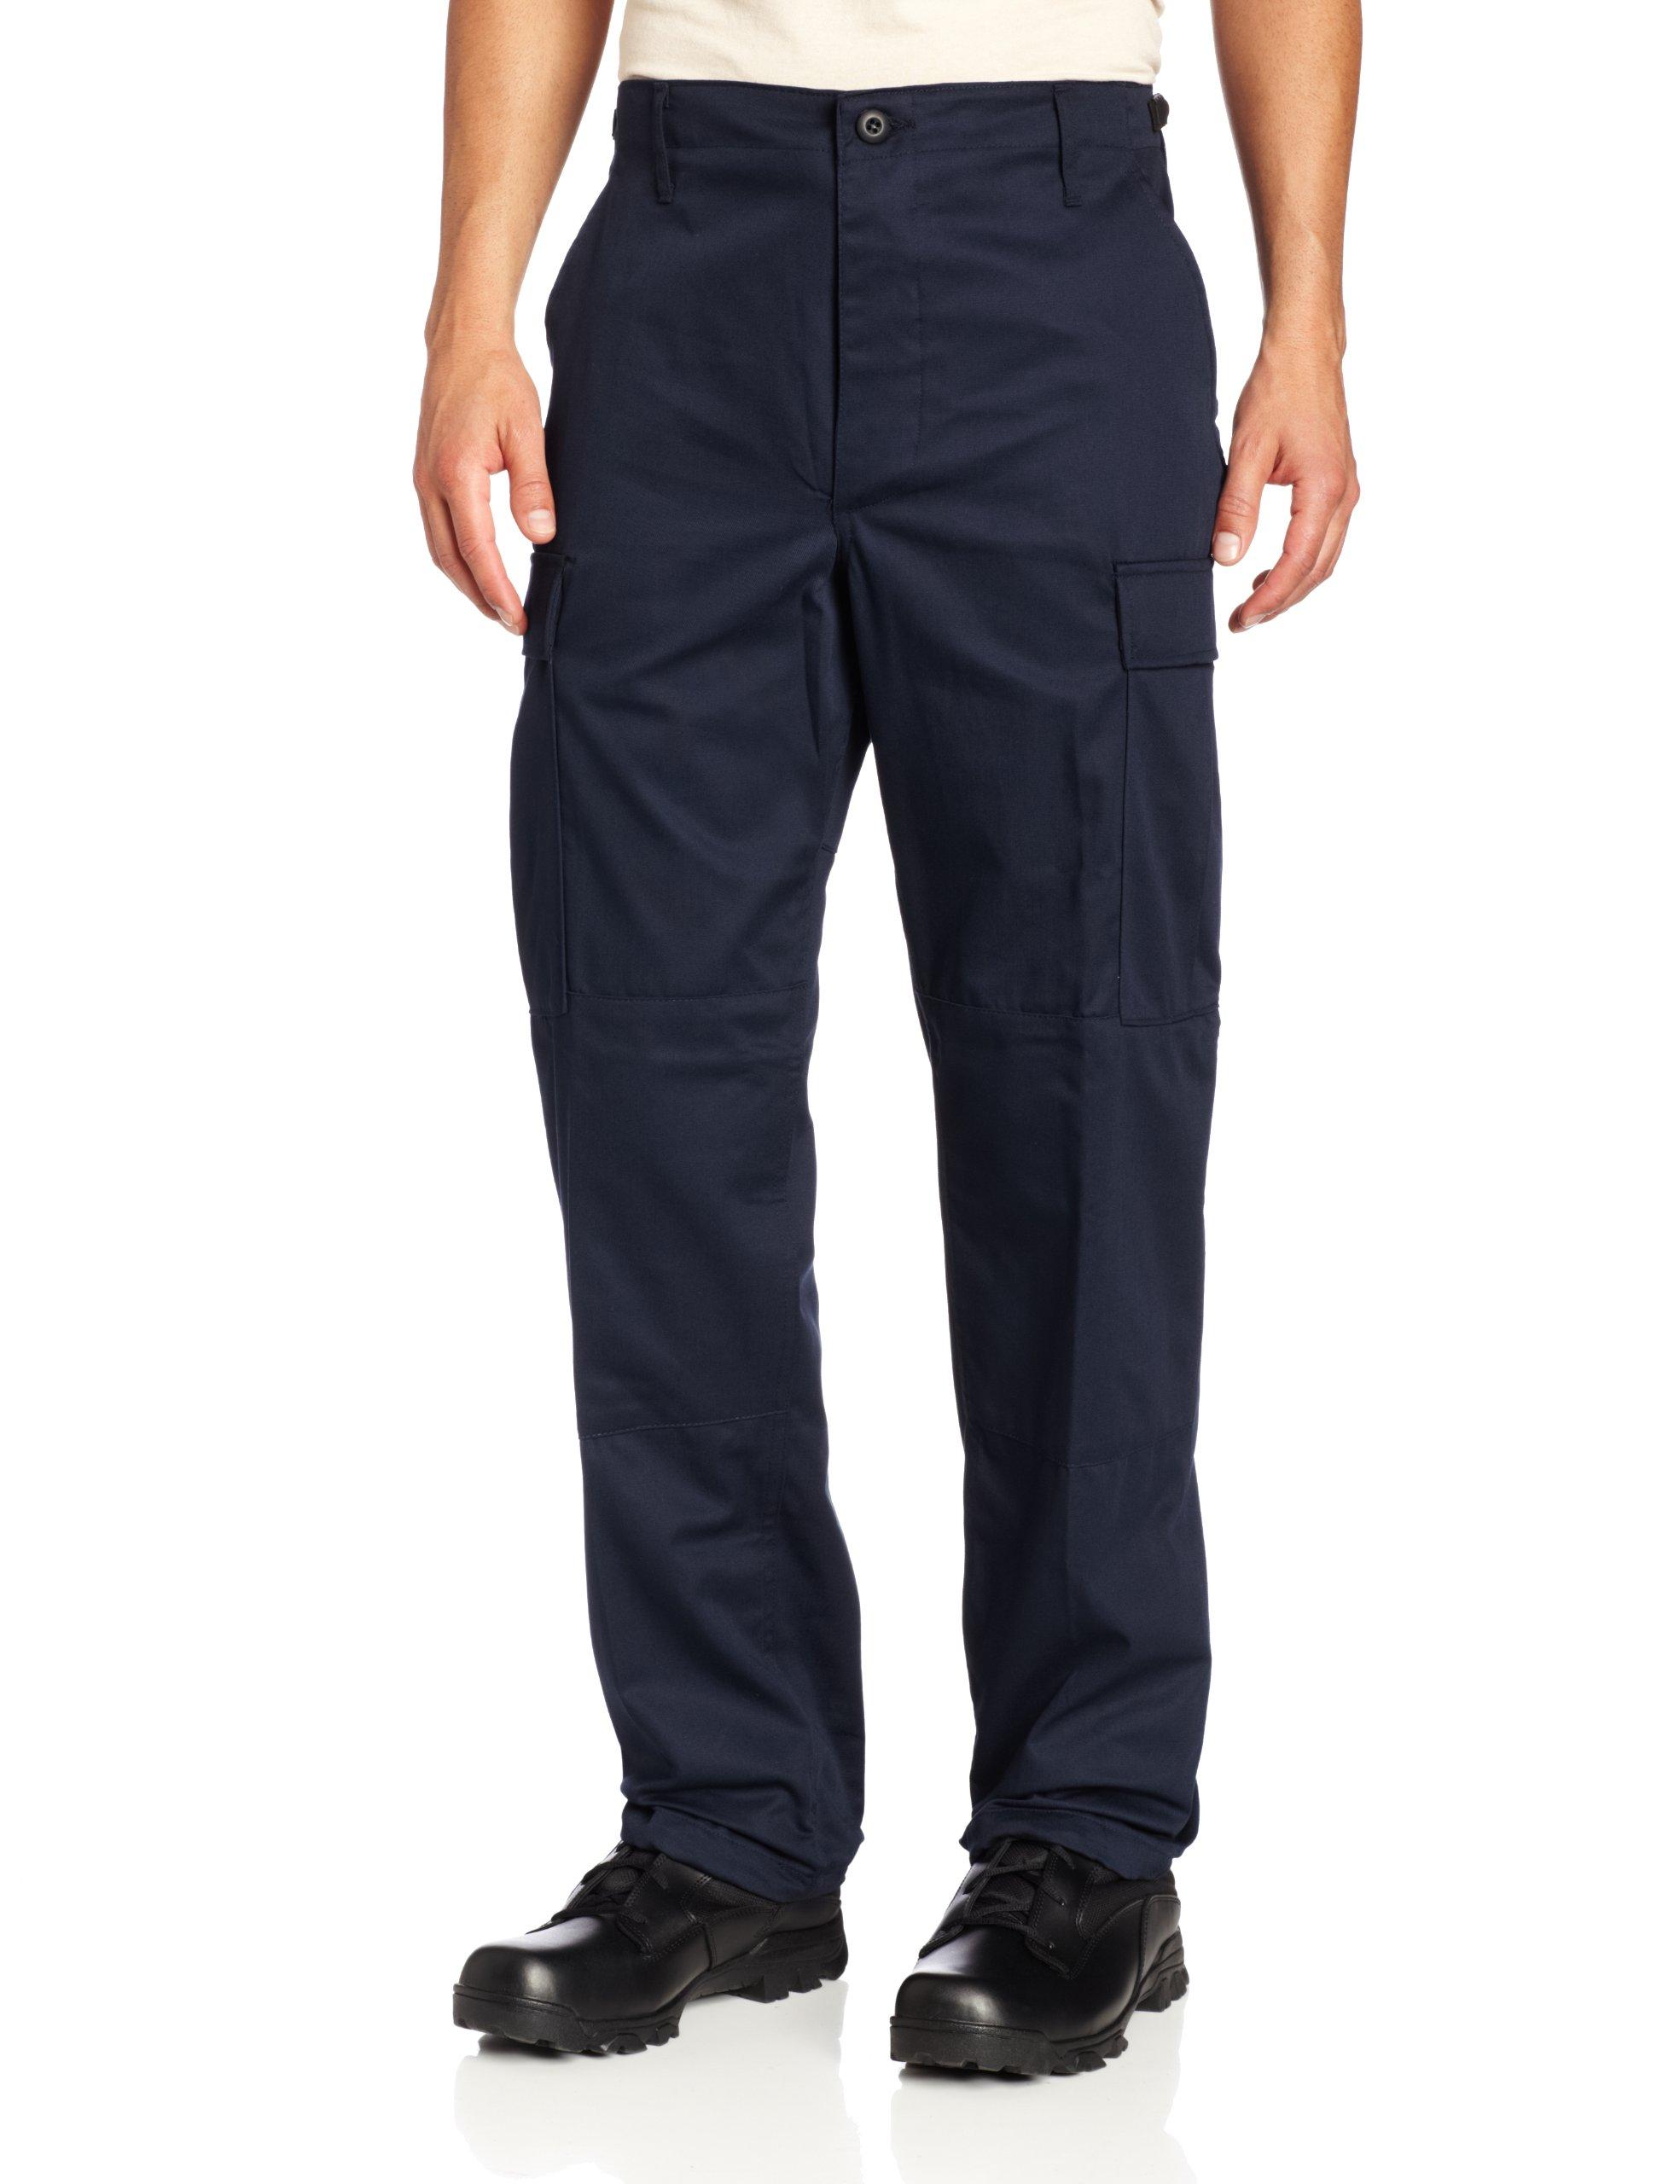 Propper BDU Trouser, Dark Navy, Medium Short